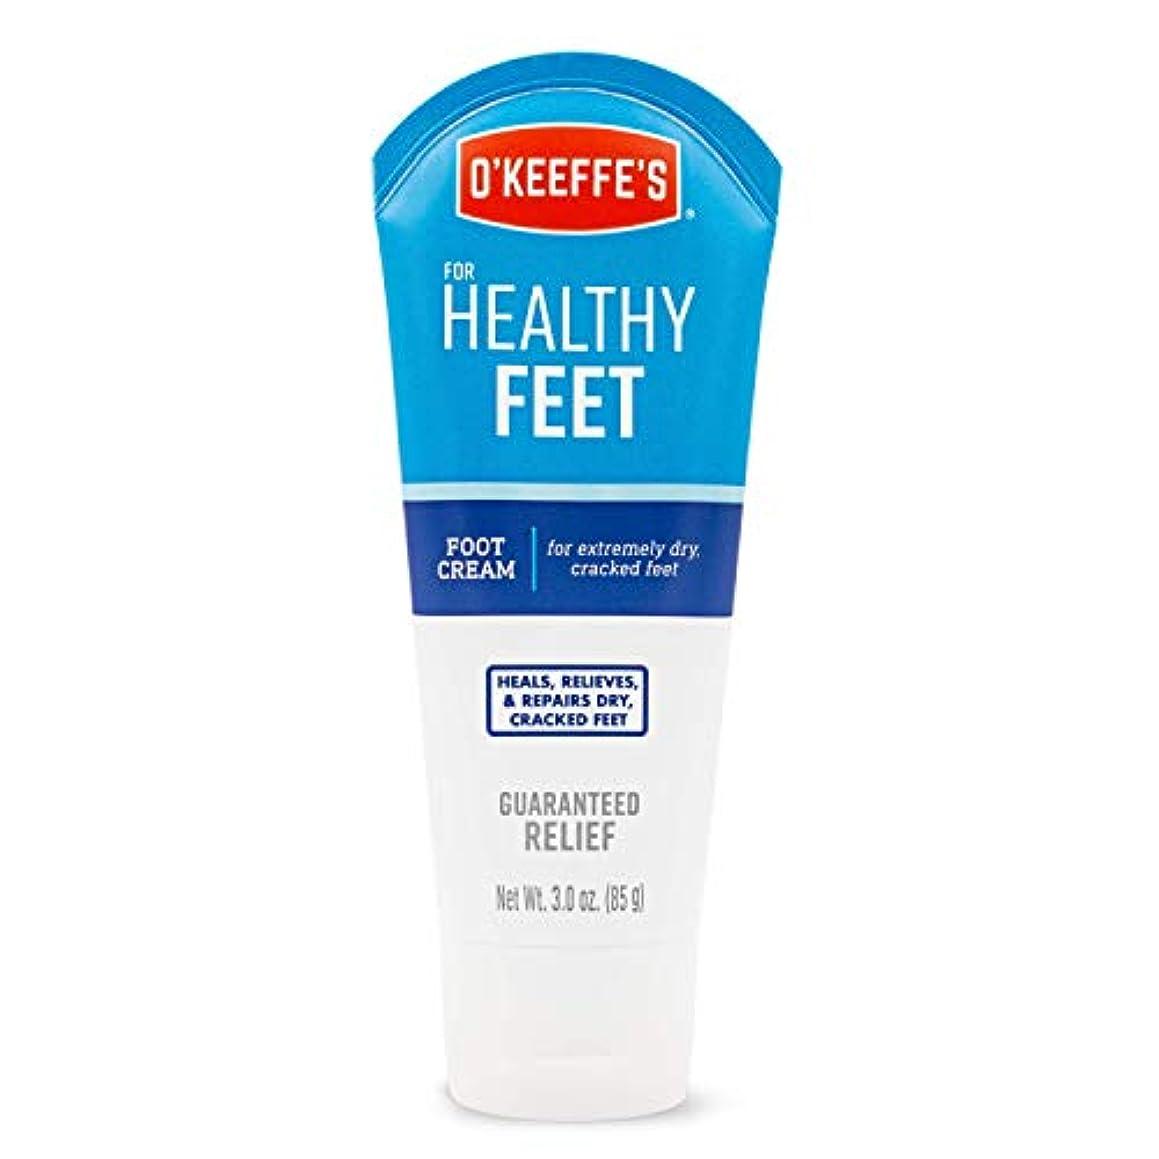 フランクワースリー含める太陽オキーフス ワーキングフィートクリーム チューブ  85g 1点 (並行輸入品) O'Keeffe's Working Feet Tube Cream 3oz